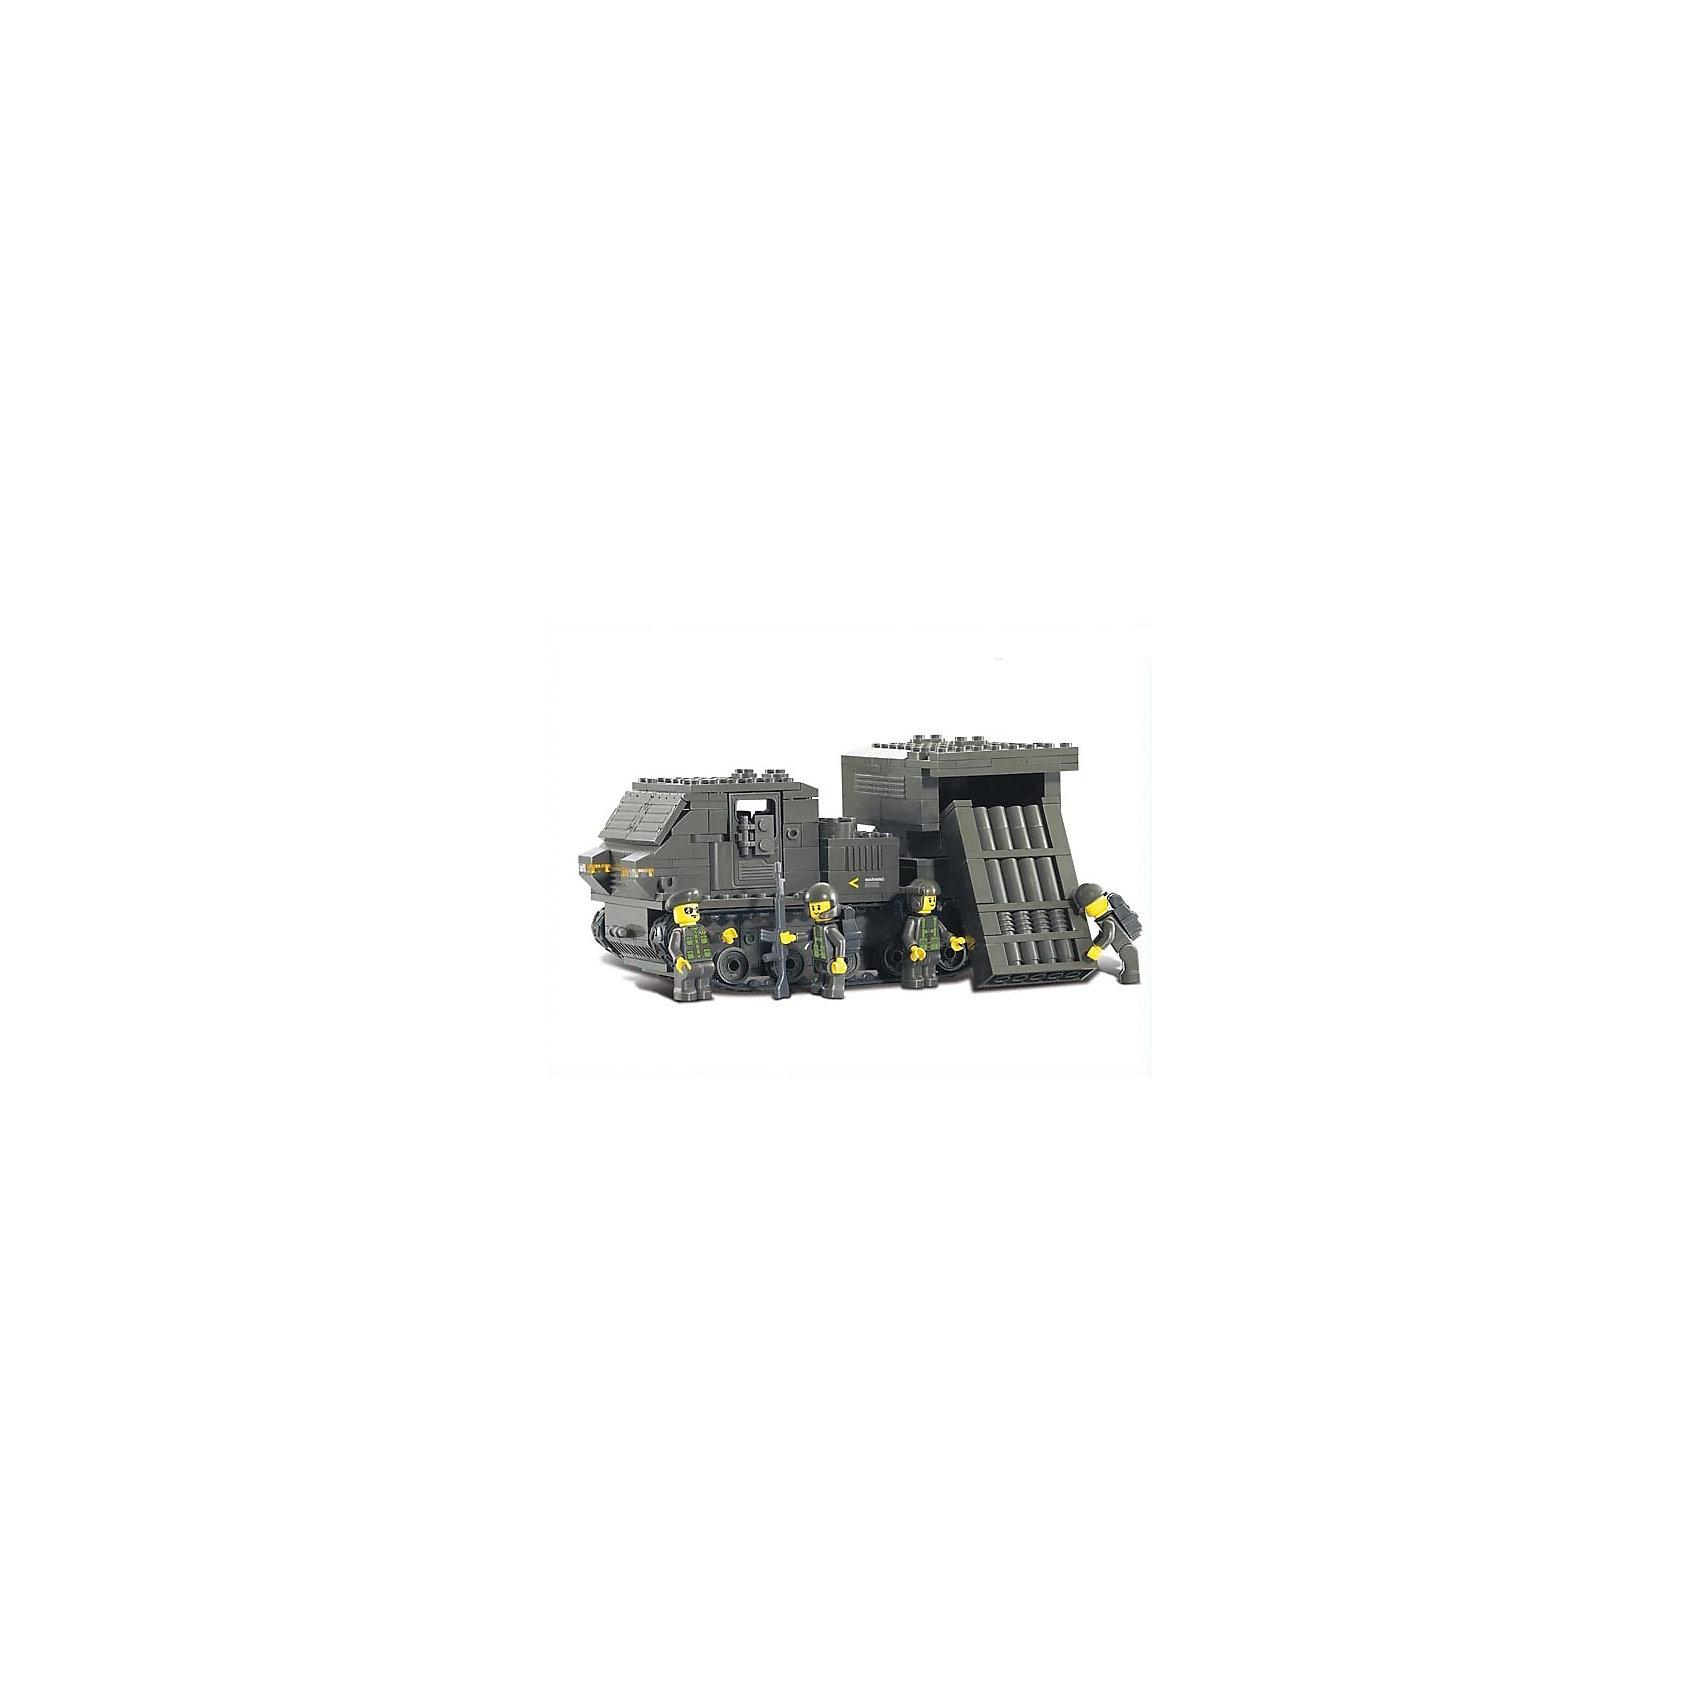 Конструктор Сухопутные войска: Самоходная установка с ракетным комплексом, 314 деталей, SlubanПластмассовые конструкторы<br>Конструктор Сухопутные войска: Самоходная установка с ракетным комплексом, 314 деталей, Sluban (Слубан)<br><br>Характеристики:<br><br>• возраст: от 6 лет<br>• ракетный комплекс с военными<br>• мини-фигурки в комплекте<br>• количество деталей: 314<br>• материал: пластик<br>• размер упаковки: 5,5х23х36 см<br>• вес: 720 грамм<br><br>Конструктор Sluban - отличный подарок для юного военного. В комплект входят 314 деталей с четырьмя фигурками военных. Ребенок сможет собрать самоходный ракетный комплекс. Игра способствует развитию воображения и мелкой моторики.<br><br>Конструктор Сухопутные войска: Самоходная установка с ракетным комплексом, 314 деталей, Sluban (Слубан) можно купить в нашем интернет-магазине.<br><br>Ширина мм: 360<br>Глубина мм: 230<br>Высота мм: 55<br>Вес г: 720<br>Возраст от месяцев: 72<br>Возраст до месяцев: 2147483647<br>Пол: Мужской<br>Возраст: Детский<br>SKU: 5453704